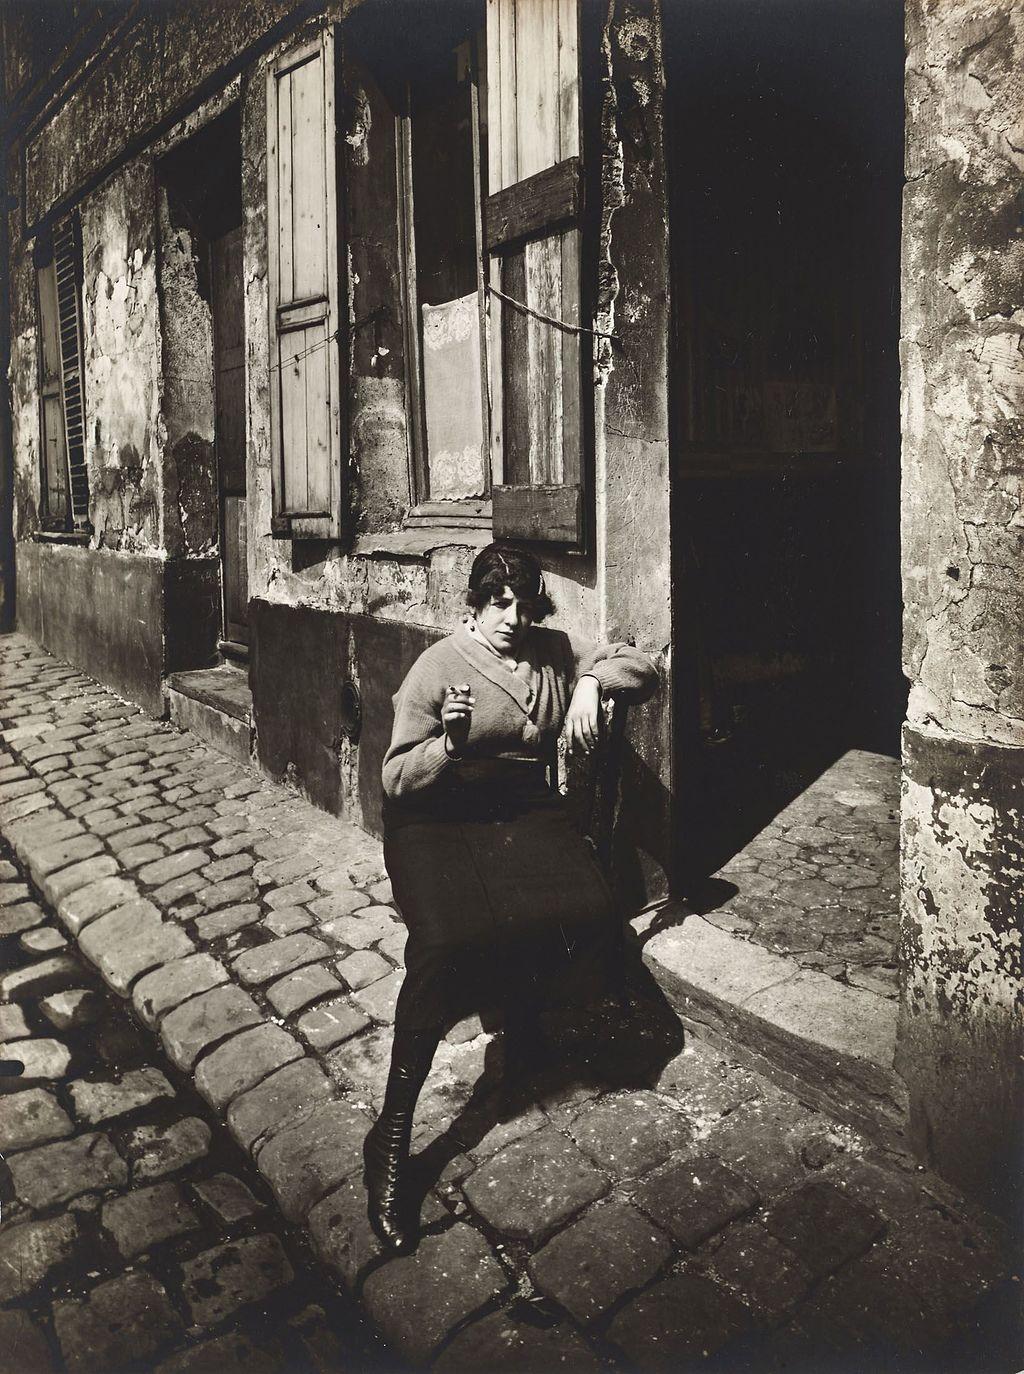 Eugène_Atget_La_Villette_fille_publique_faisant_le_quart_1921.jpg